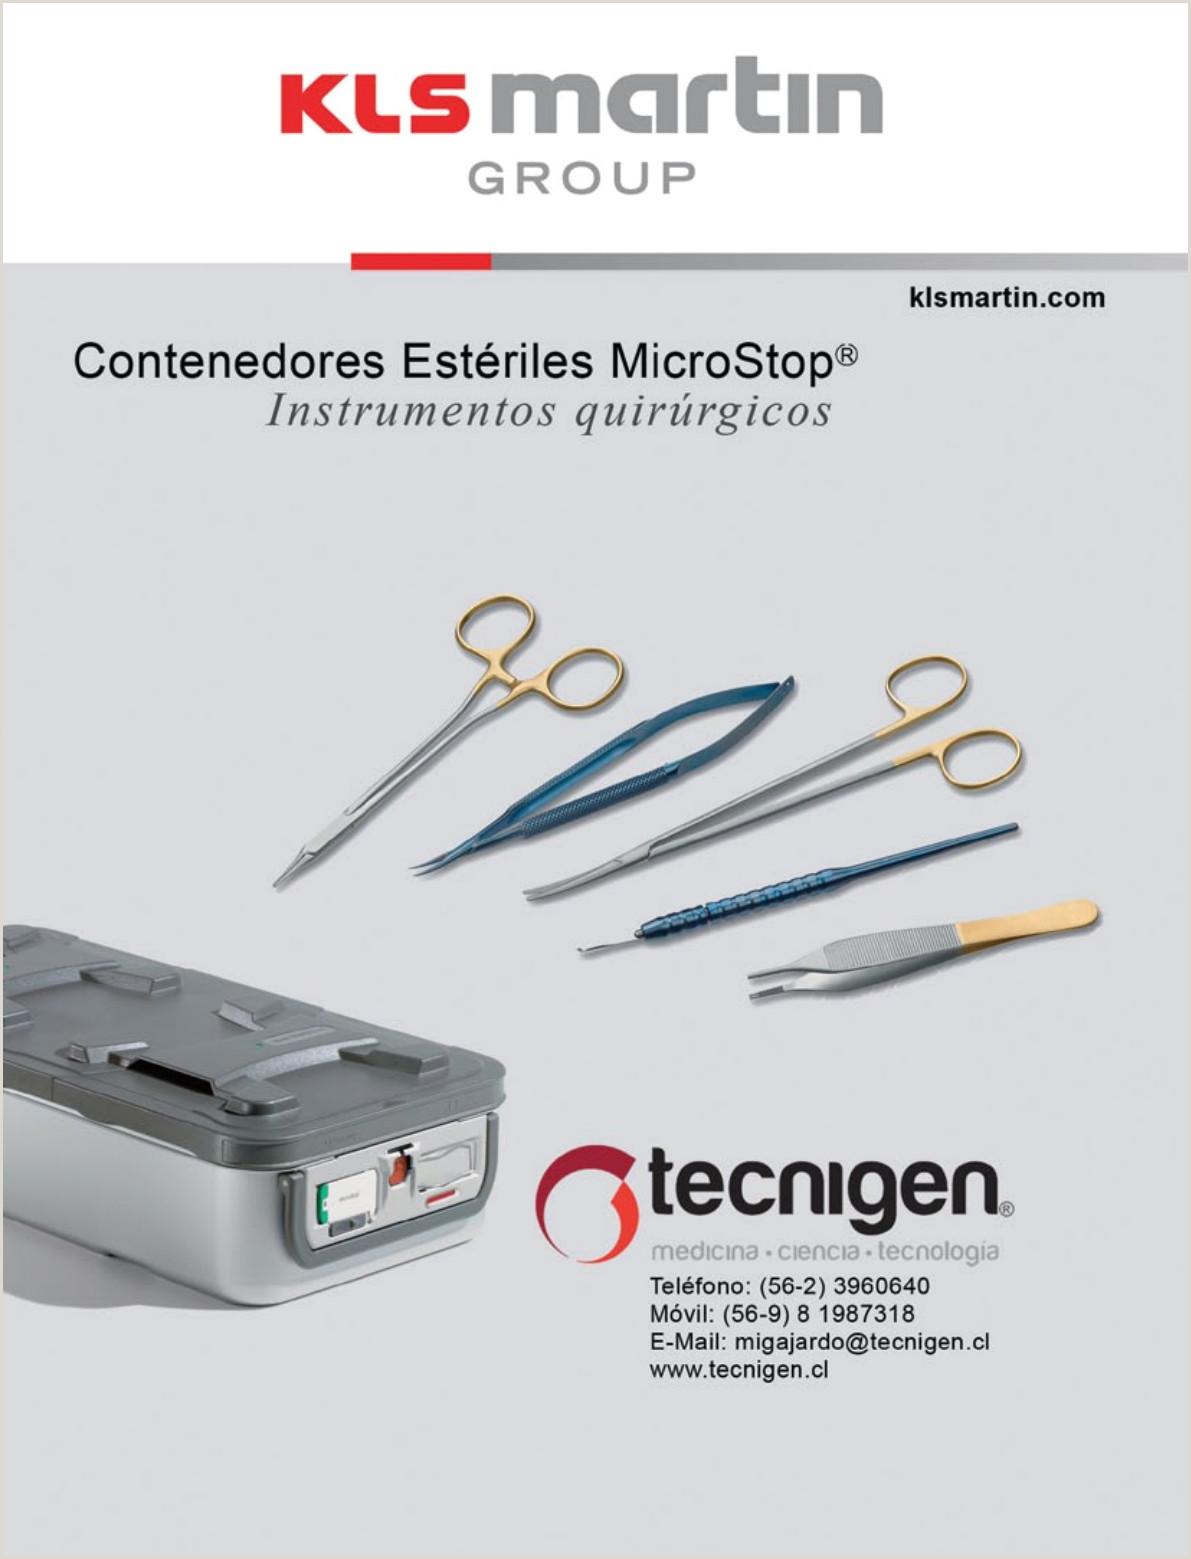 Formato Hoja De Vida Minerva Editable Revista Medica Vol22 Mayo2011 2